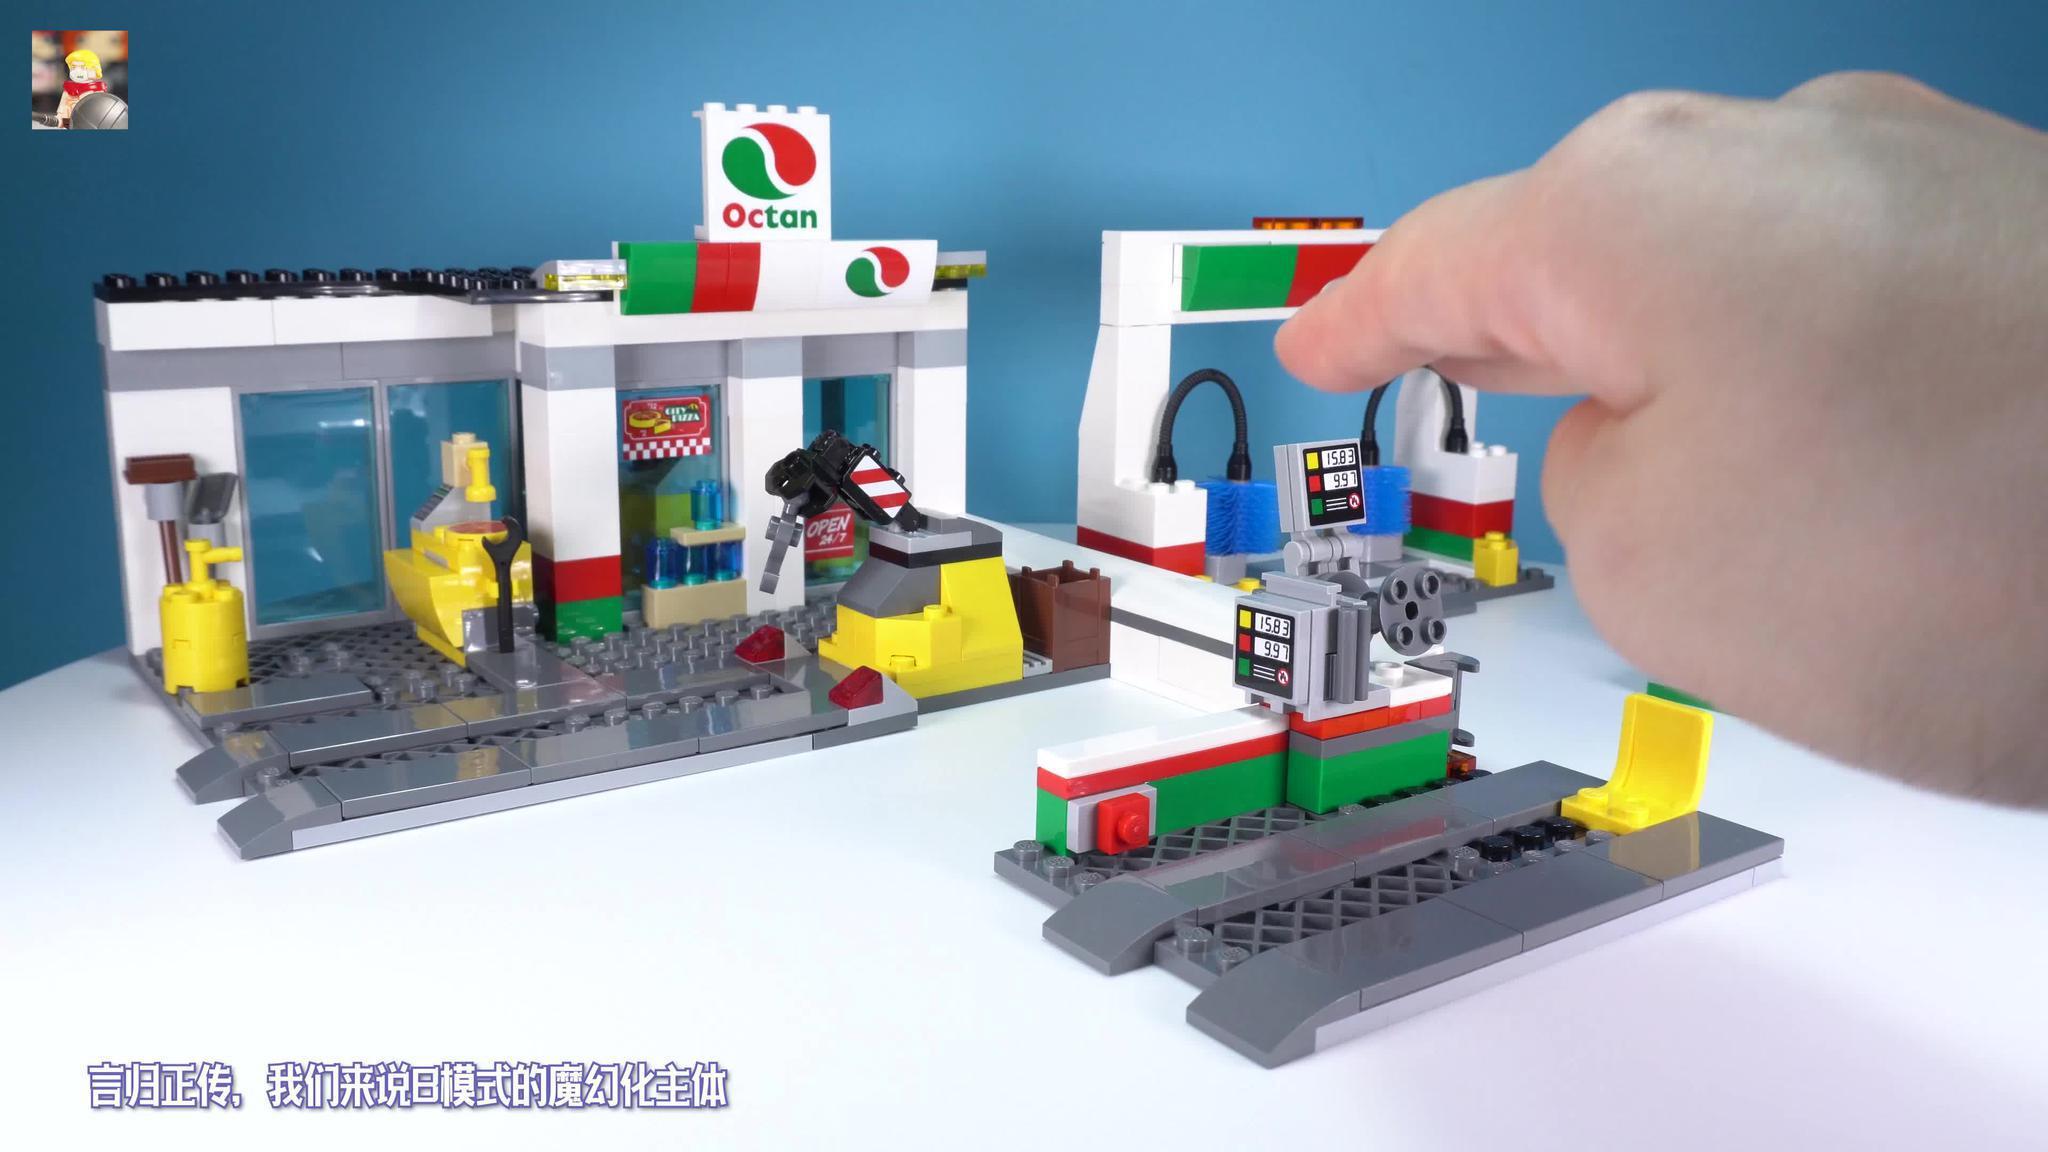 乐高搭建:乐高城市60132B模式汽车服务站,城市组也能二合一